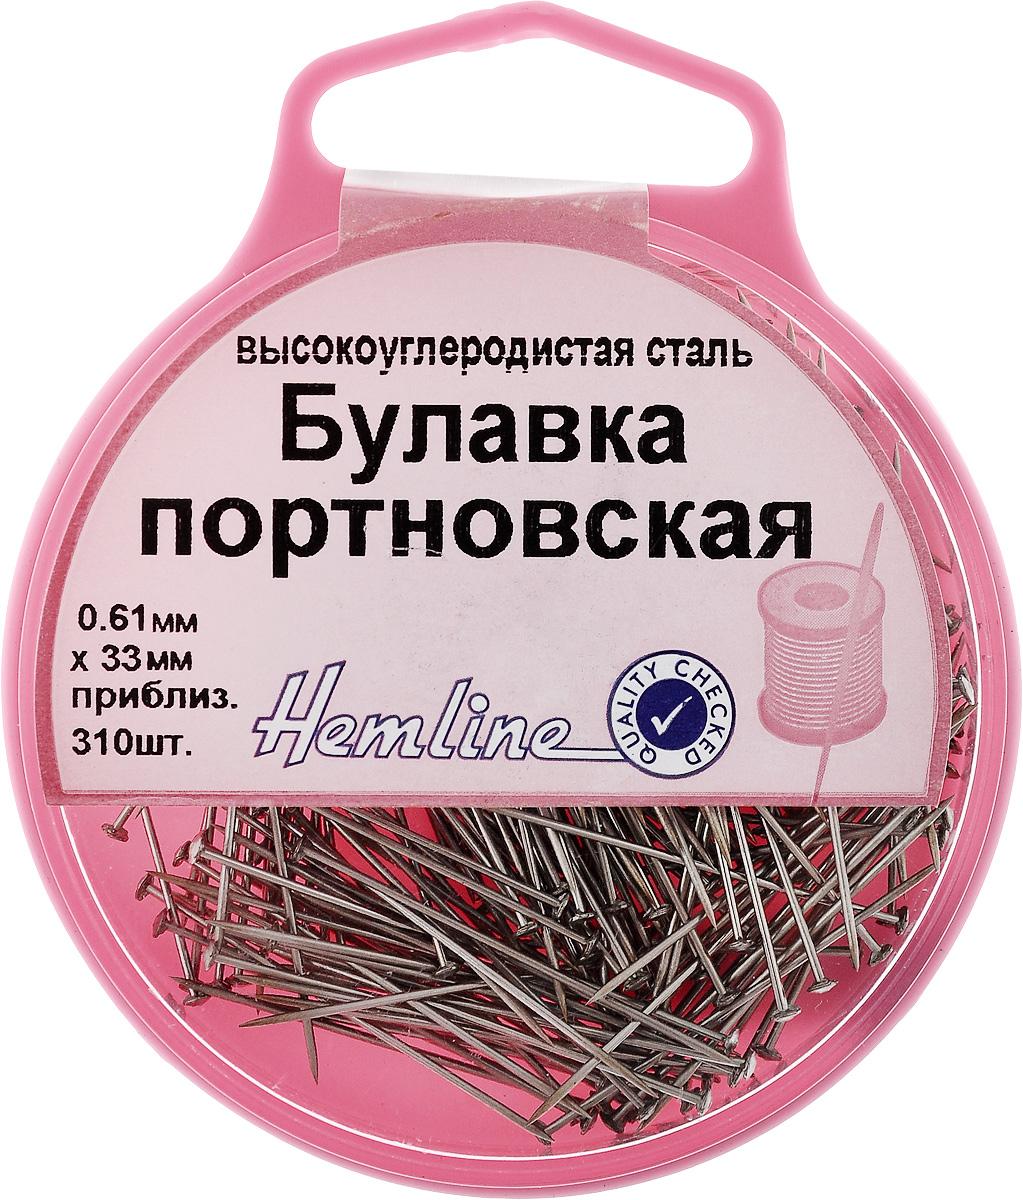 Булавки-гвоздики портновские Hemline, в контейнере, 310 шт716Портновские булавки Hemline изготовлены из высокоуглеродистой стали. Такие булавки отлично подойдут для выполнения потайного шва вручную, при пошиве и примерке одежды, часто используются при раскрое ткани, а также для стачивания деталей кроя на швейной машинке. Для удобного и безопасного хранения предусмотрен круглый пластиковый контейнер. Такие булавки станут полезным приобретением для любой рукодельницы. Толщина булавки: 0,61 мм. Длина булавки: 33 мм.